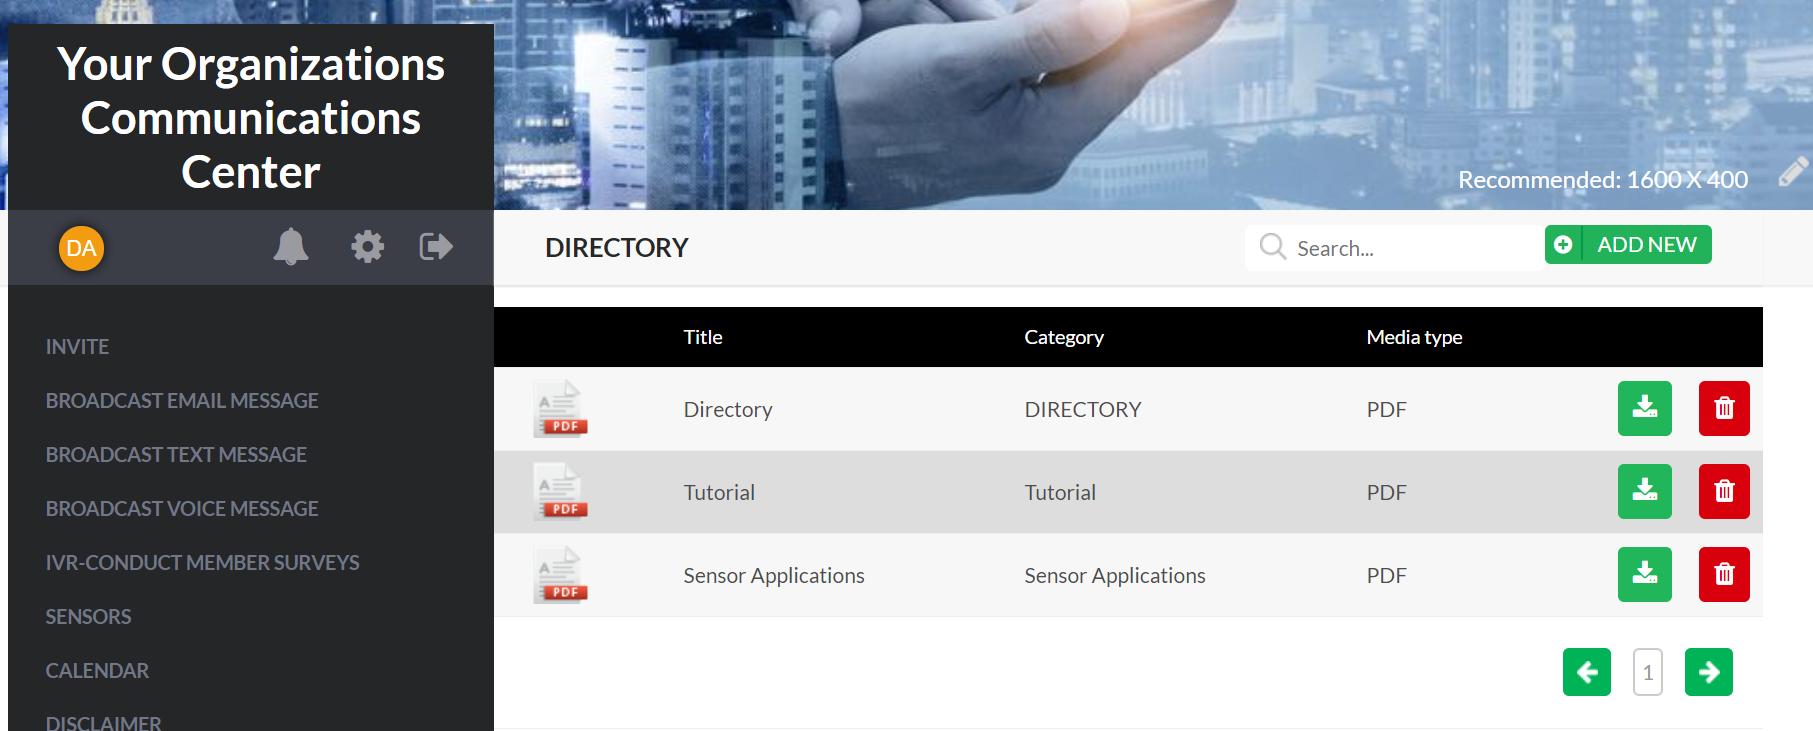 Communication Centers document management